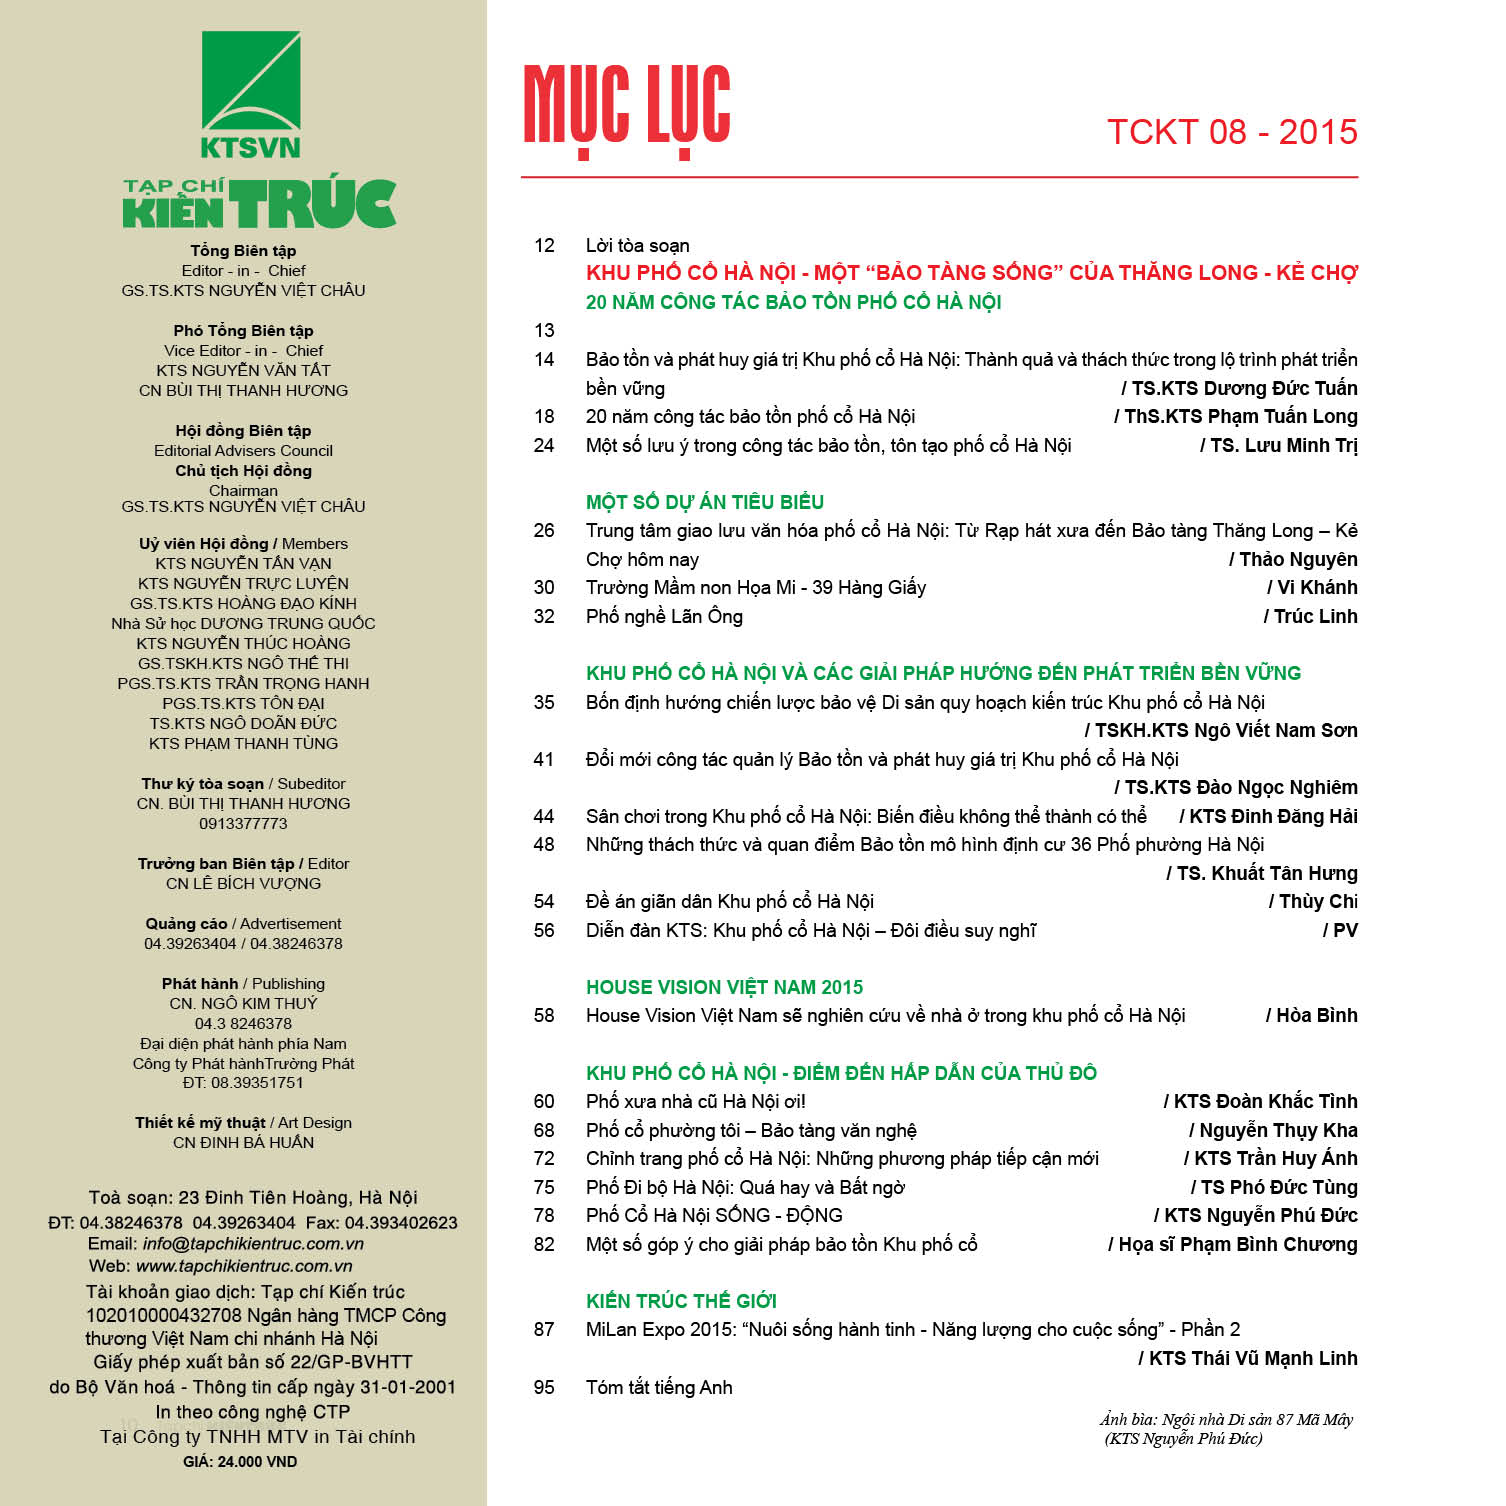 2015-mucluc-tckt-08